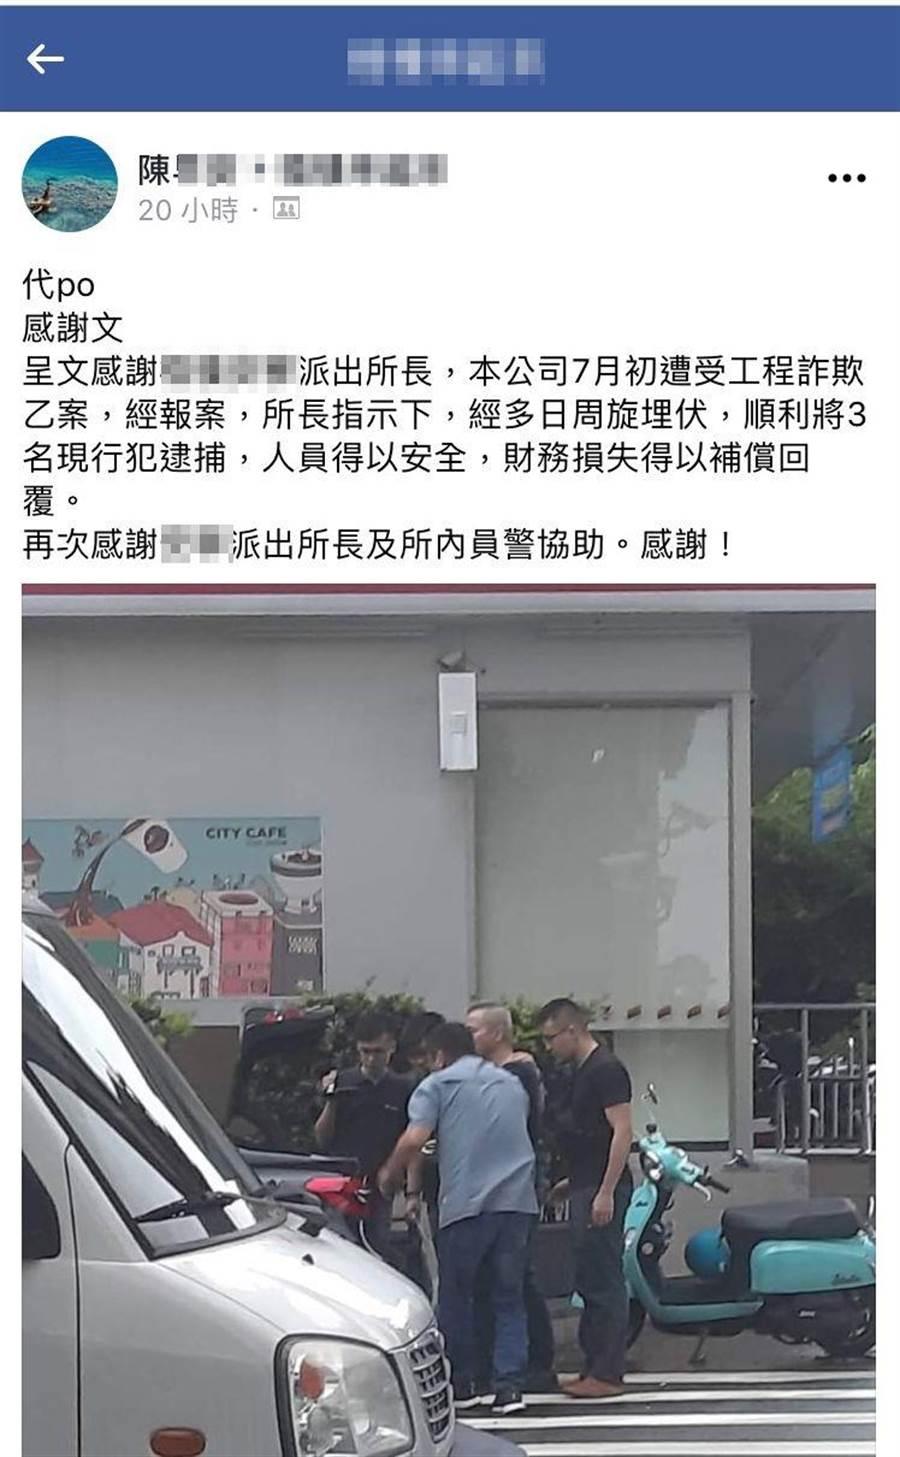 網友在地方社團發文感謝派出所所長及所內員警,該所前一天傳出「已婚副所長偷吃小女警」疑雲,送暖意味濃厚。(王文吉翻攝)